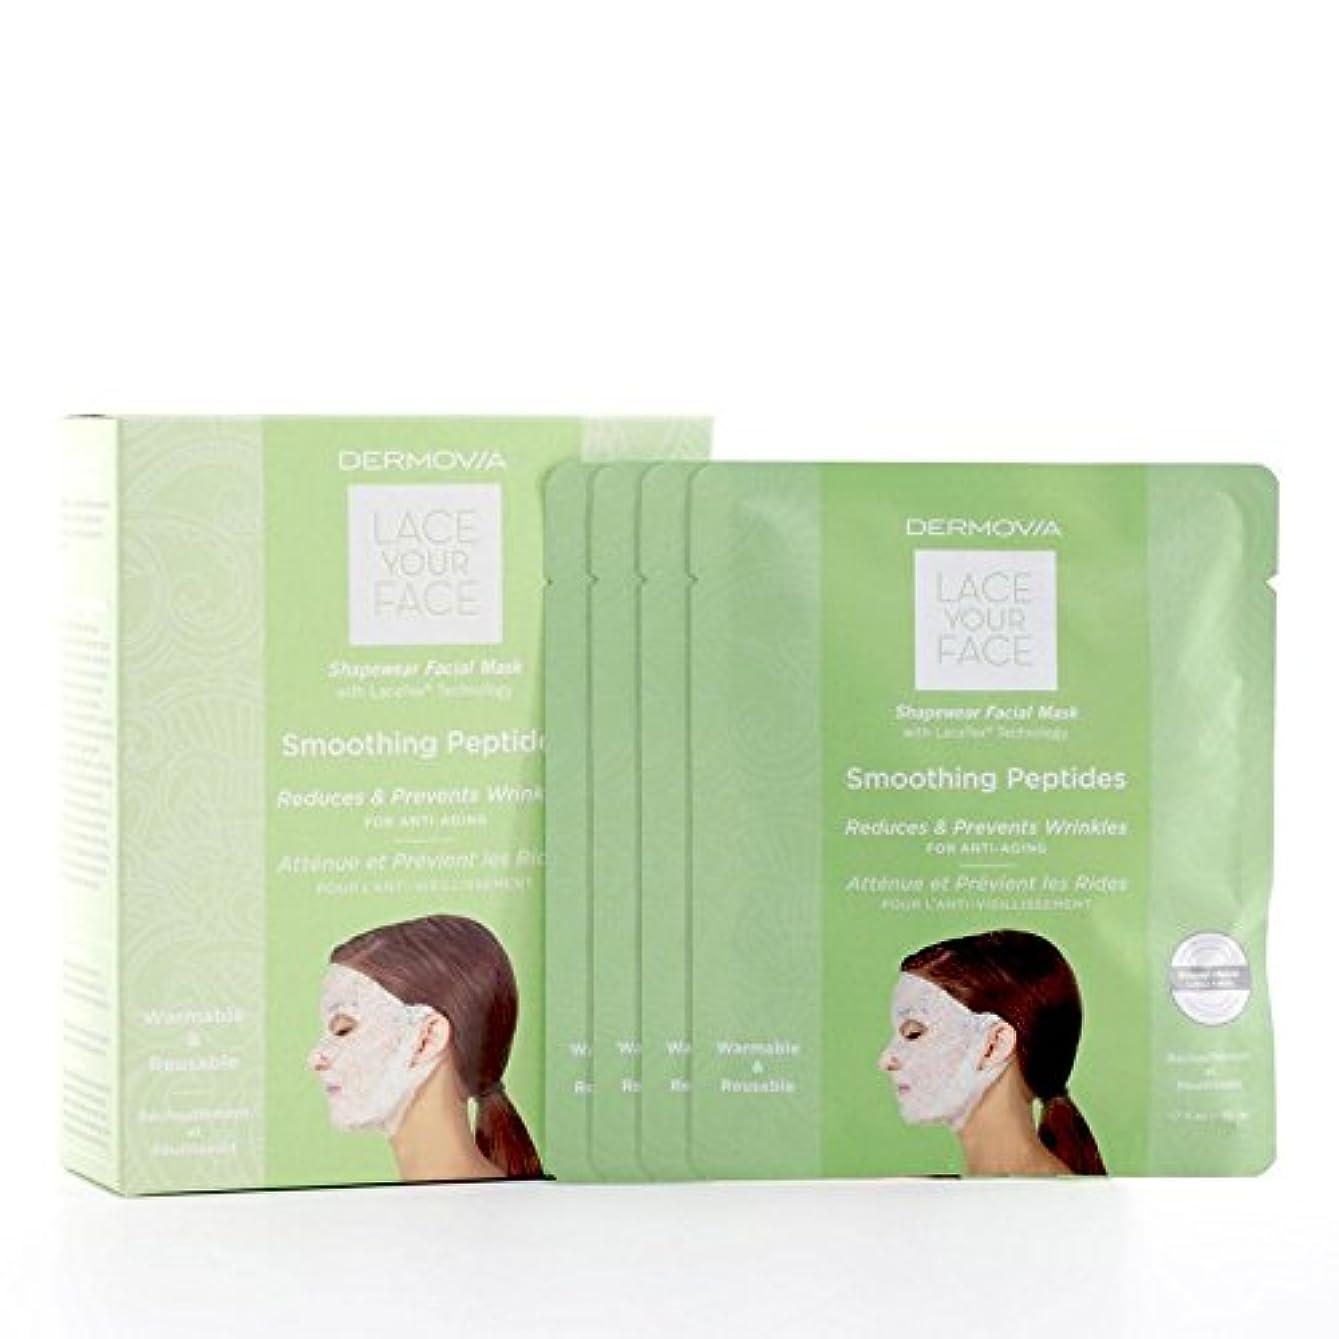 飼料プロポーショナルラダは、あなたの顔の圧縮フェイシャルマスク平滑化ペプチドをひもで締めます x2 - Dermovia Lace Your Face Compression Facial Mask Smoothing Peptides (Pack...